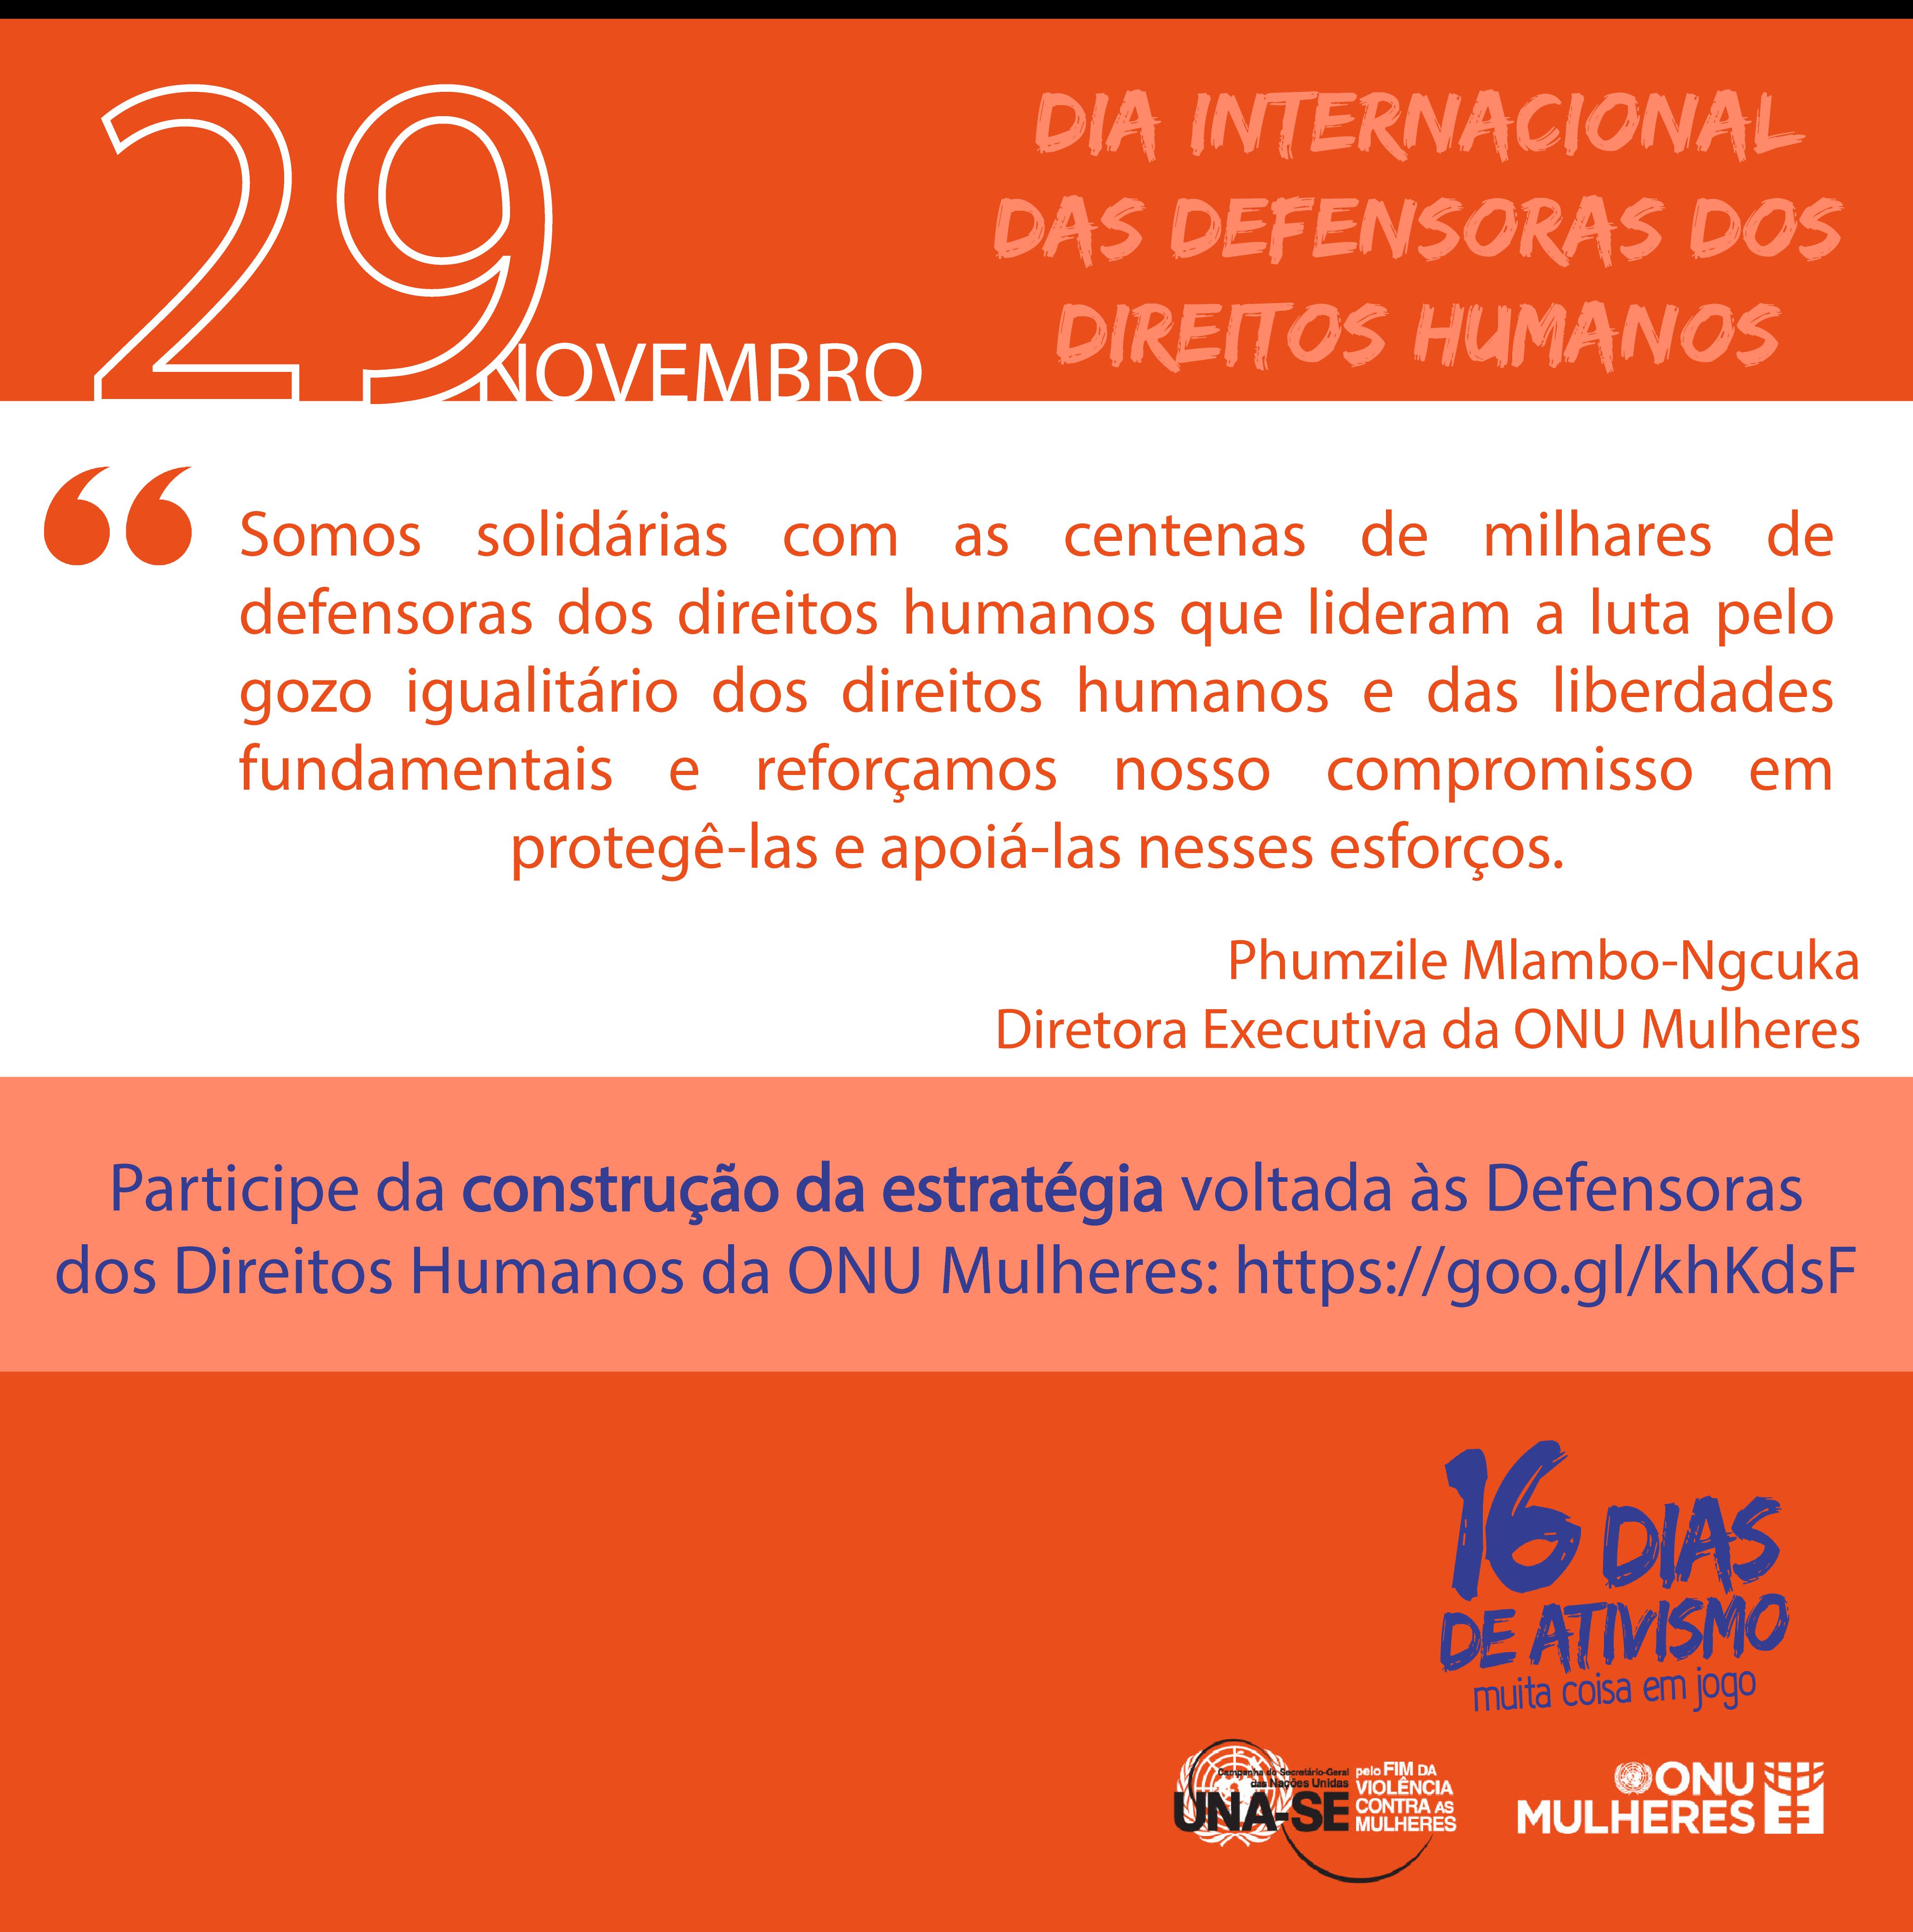 29/11 é Dia Internacional das Mulheres Defensoras dos Direitos Humanos/violencia contra as mulheres onu mulheres noticias direitos humanos direitosdasmulheres 16 dias de ativismo